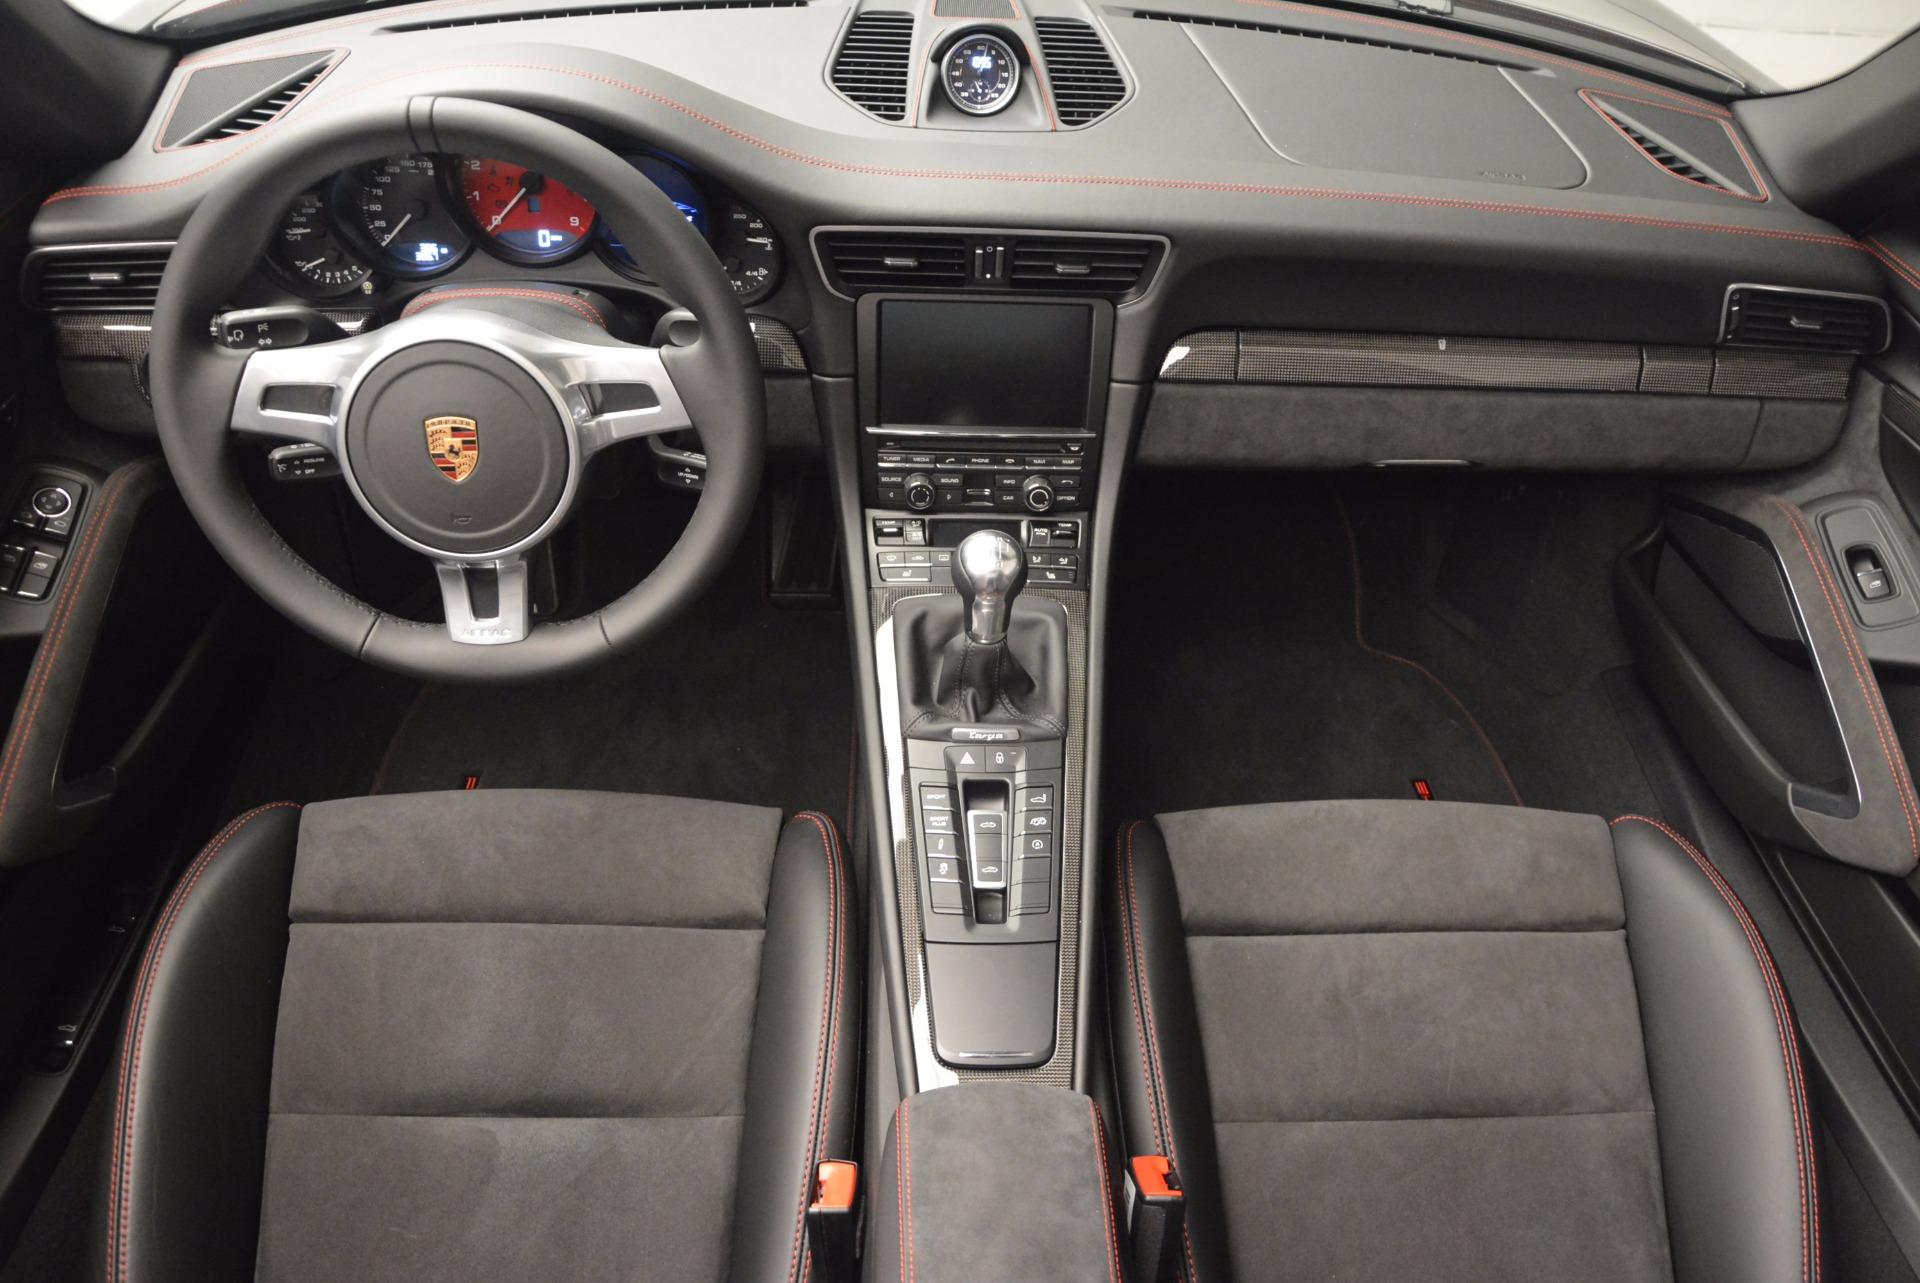 Used 2016 Porsche 911 Targa 4 Gts For Sale Miller